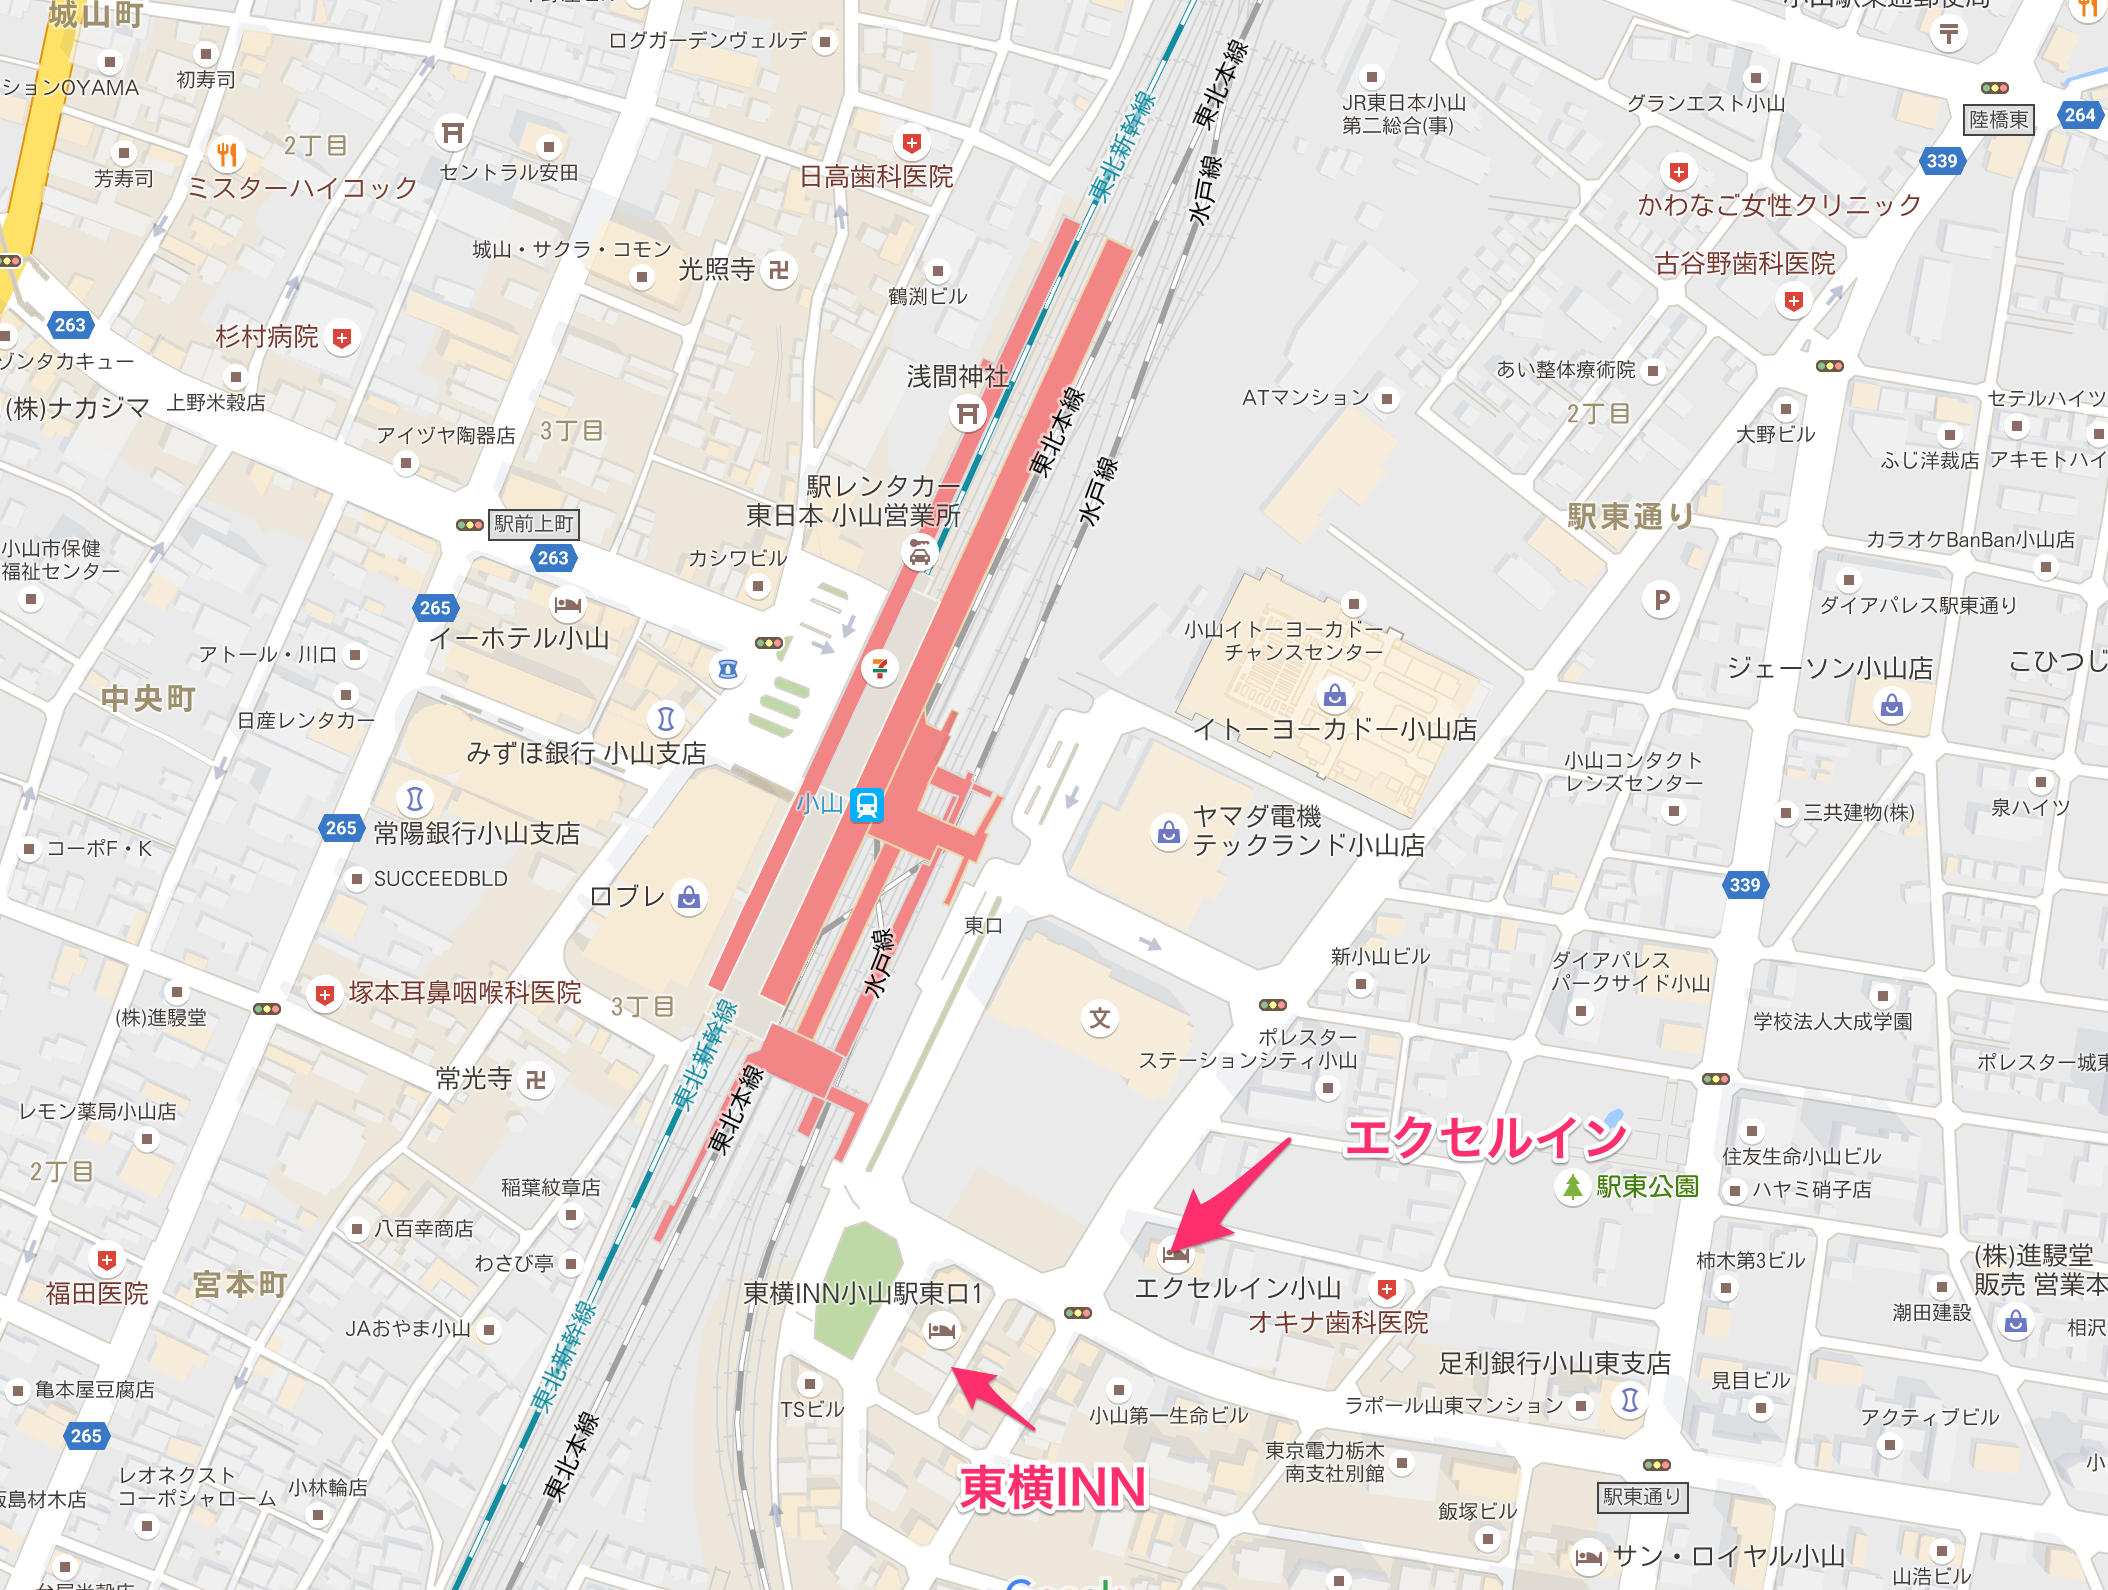 Oyama station 小山駅周辺